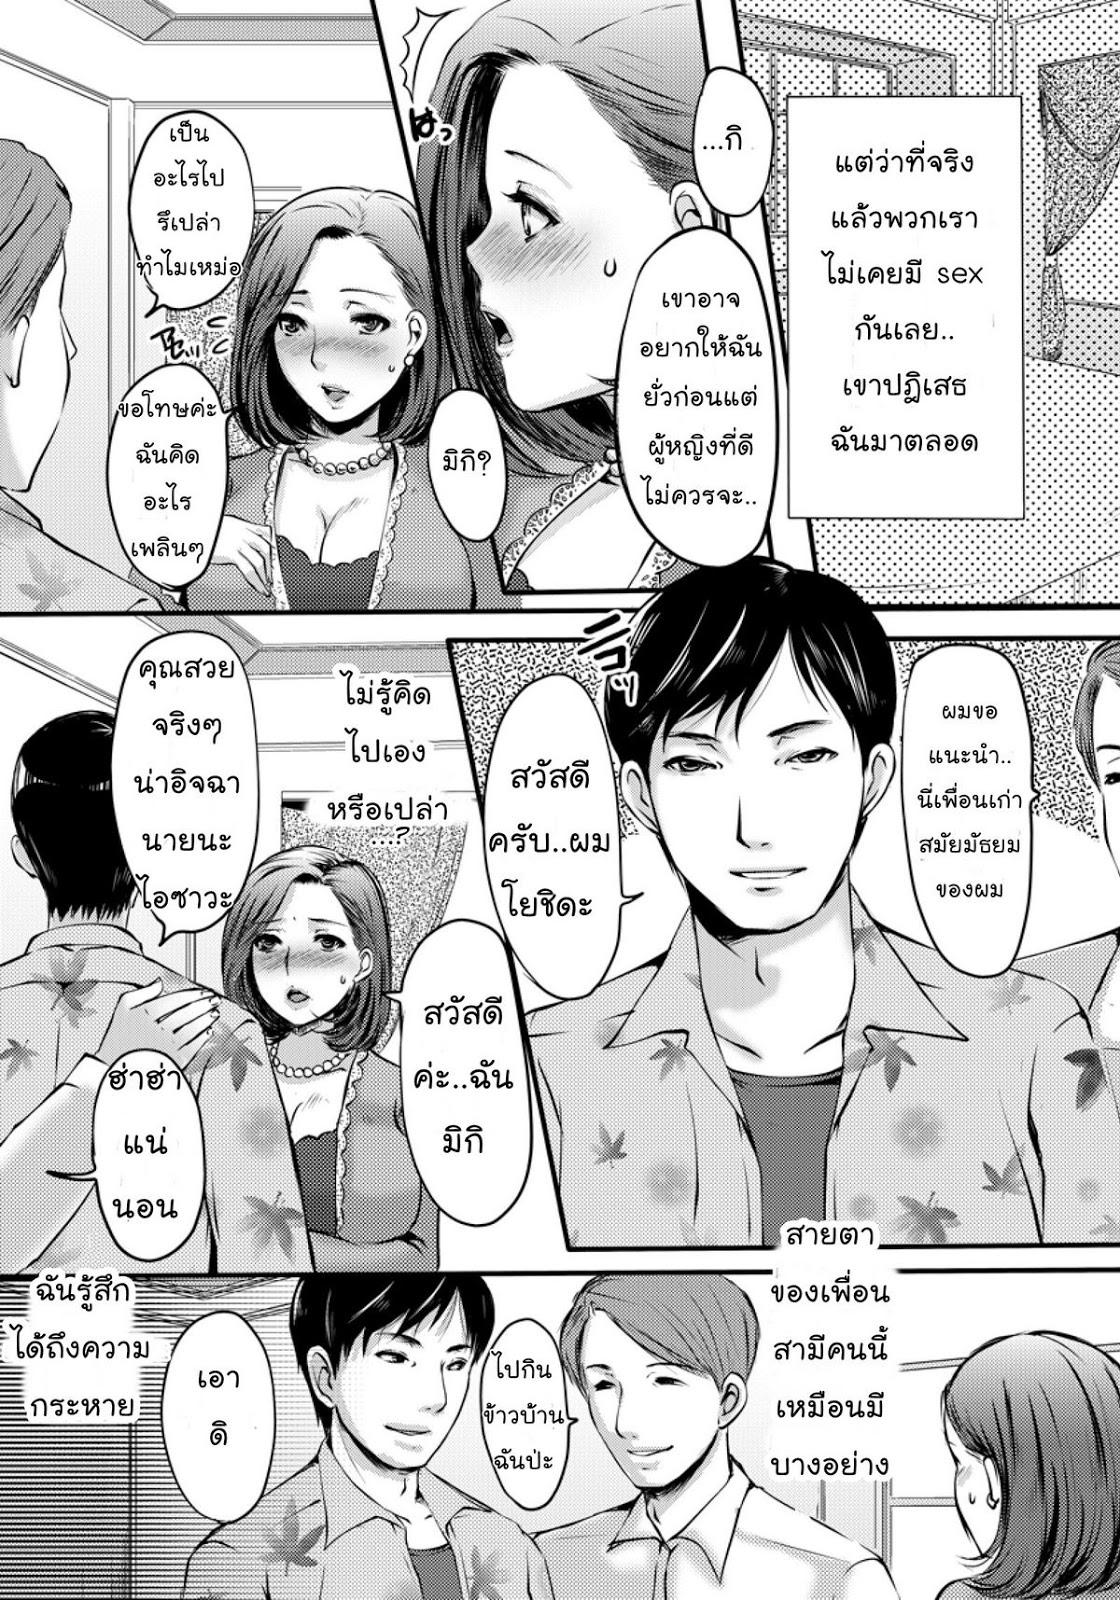 [โดจิน] อ่านการ์ตูนออนไลน์-เติมเต็มคุณนายสาว